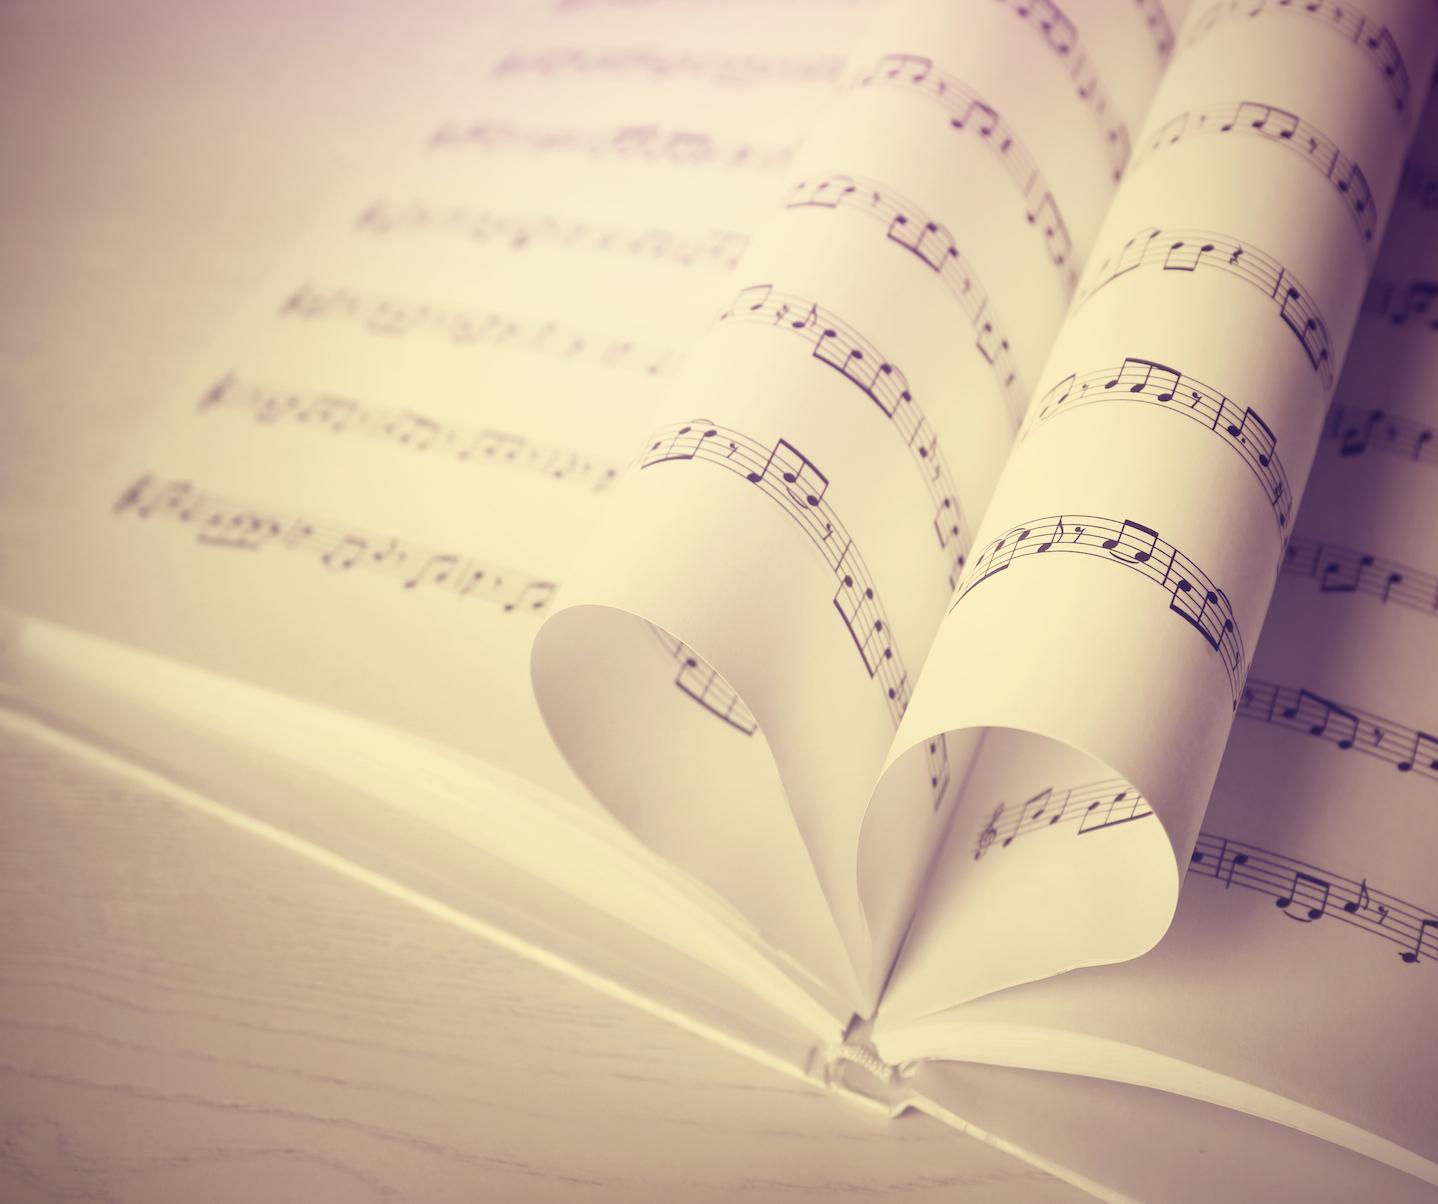 Lyrics in music - Milan Krajnc